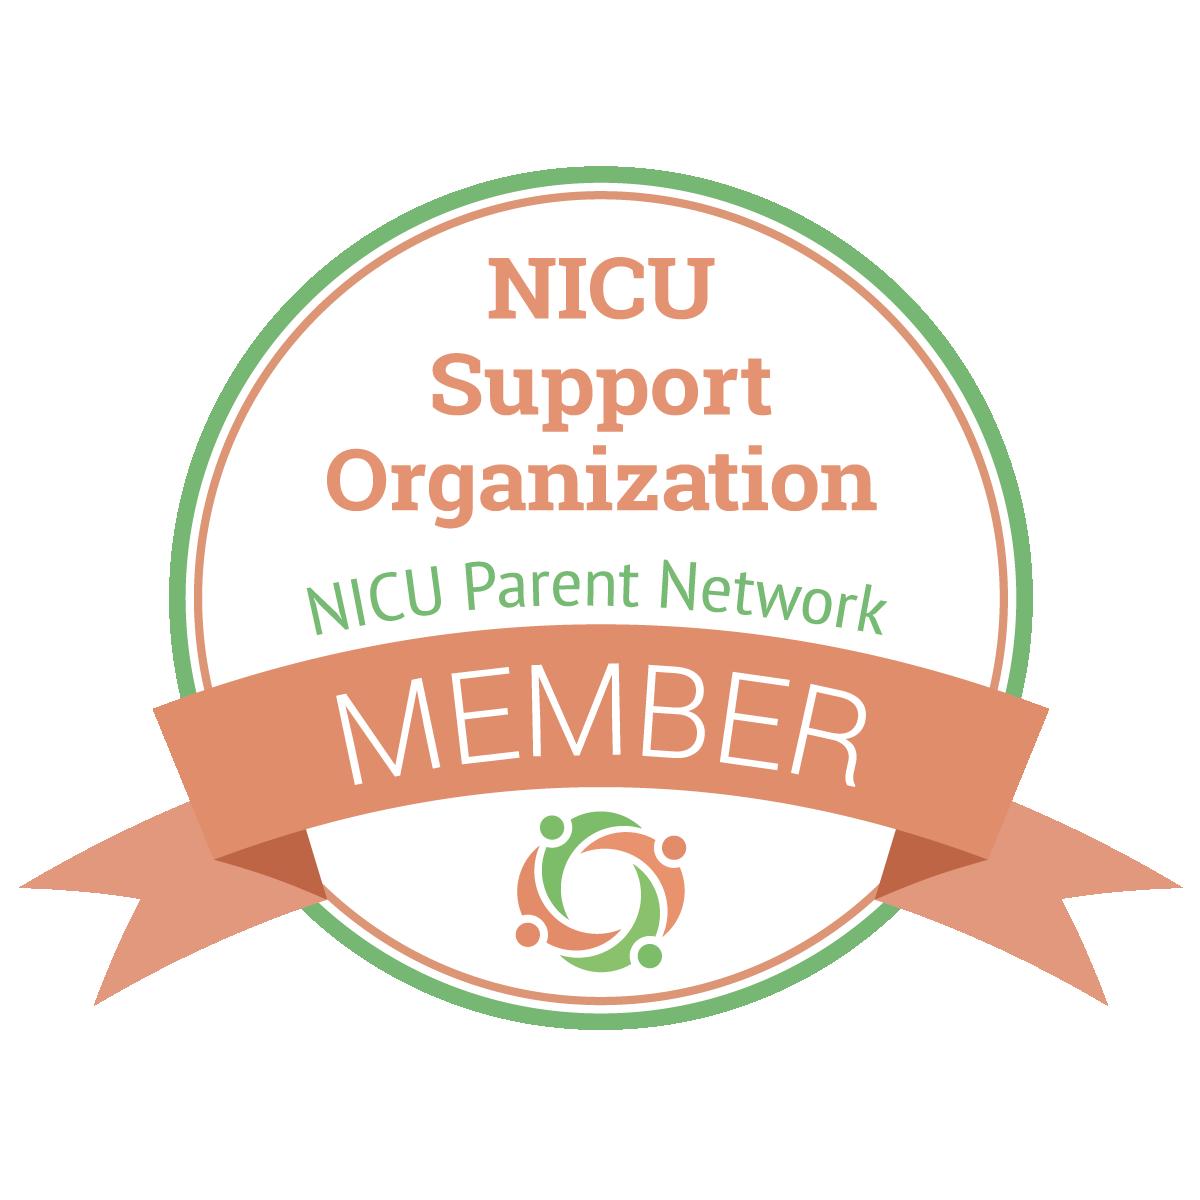 NICU Support Organization NICU Parent Network Member